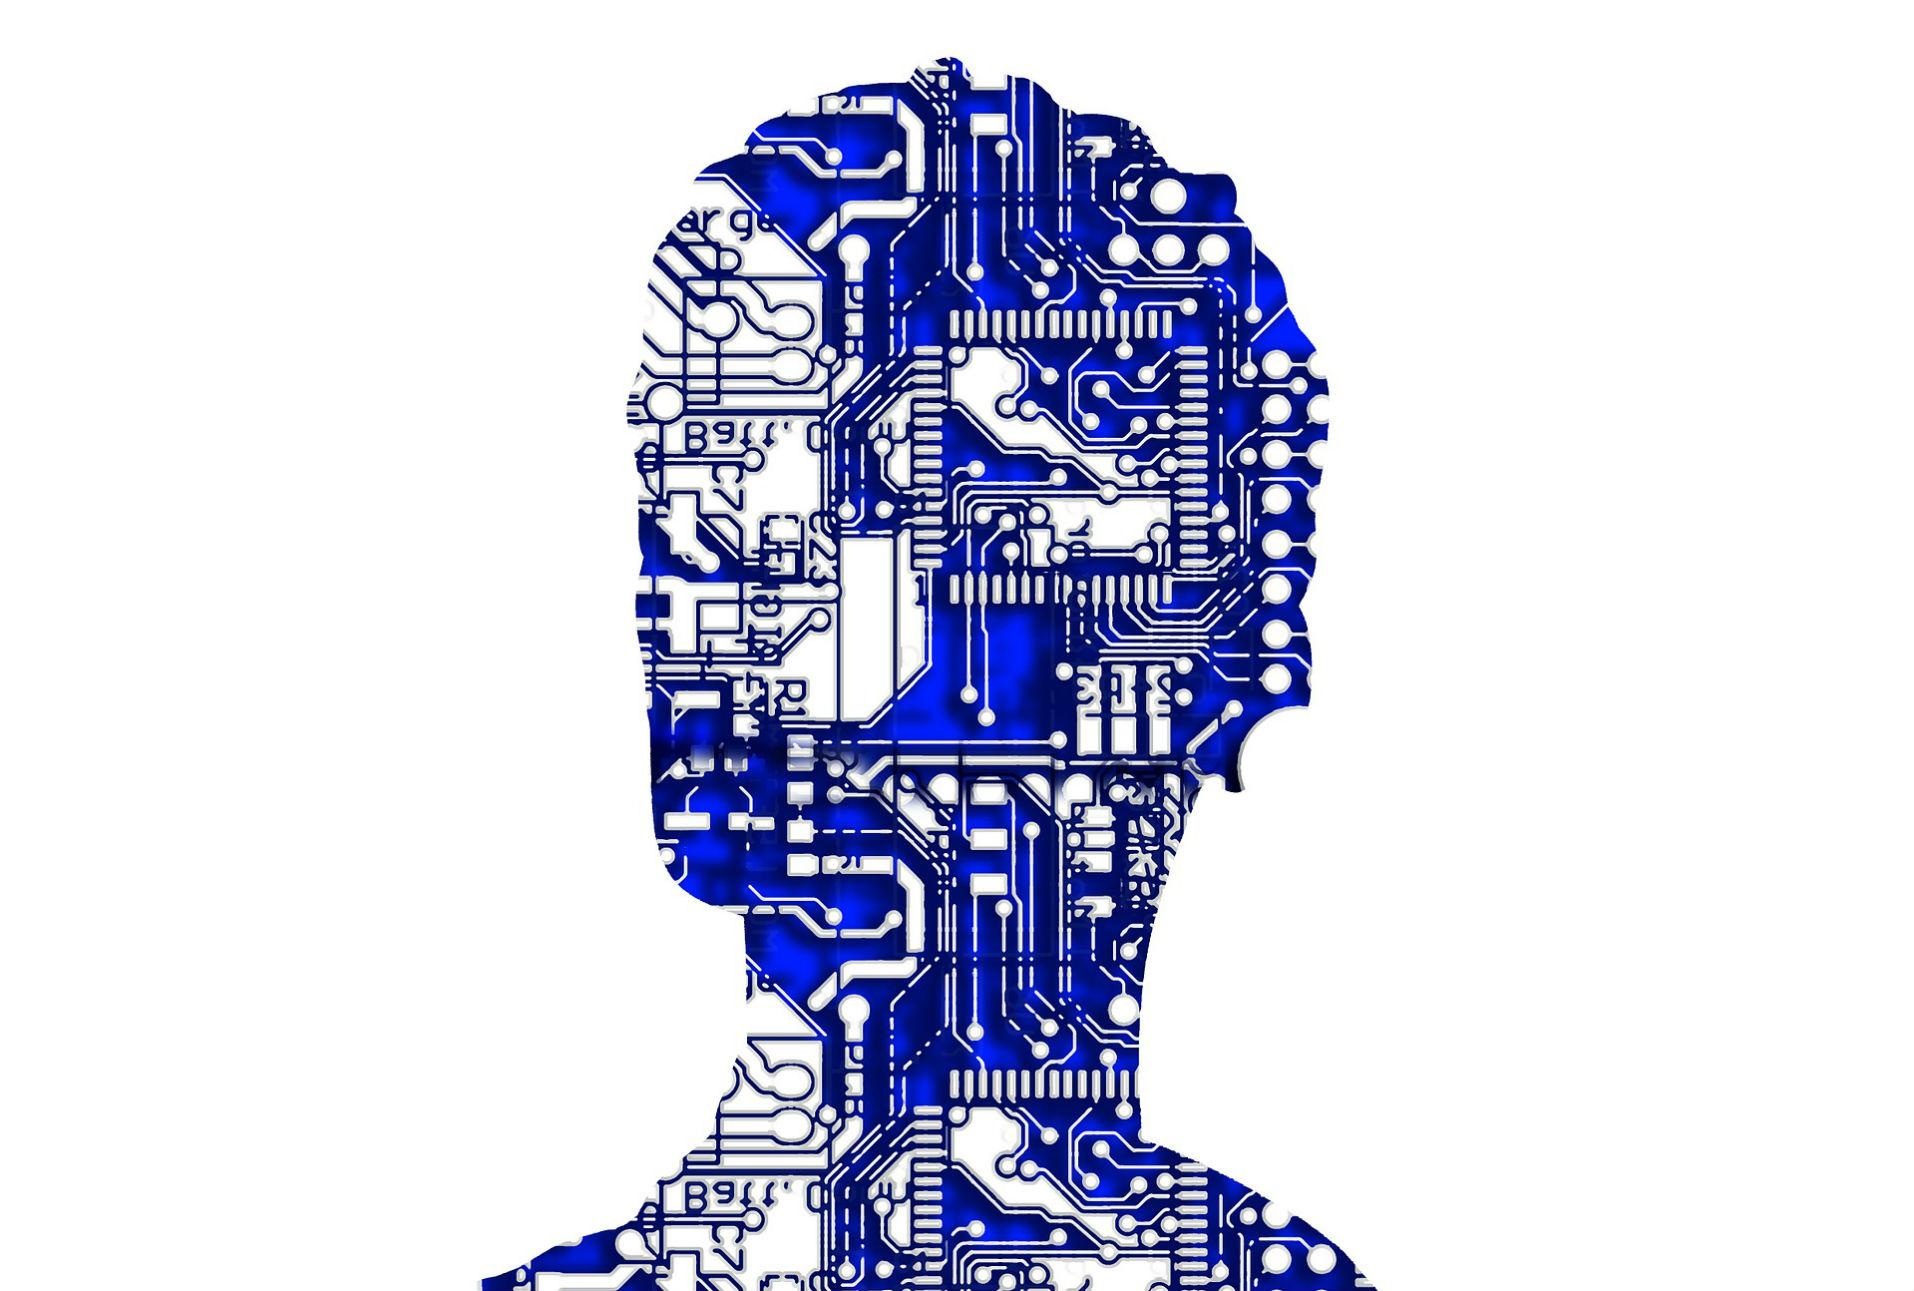 La inteligencia artificial es un gran reto para los derechos humanos en el entorno digital: relator especial de la ONU